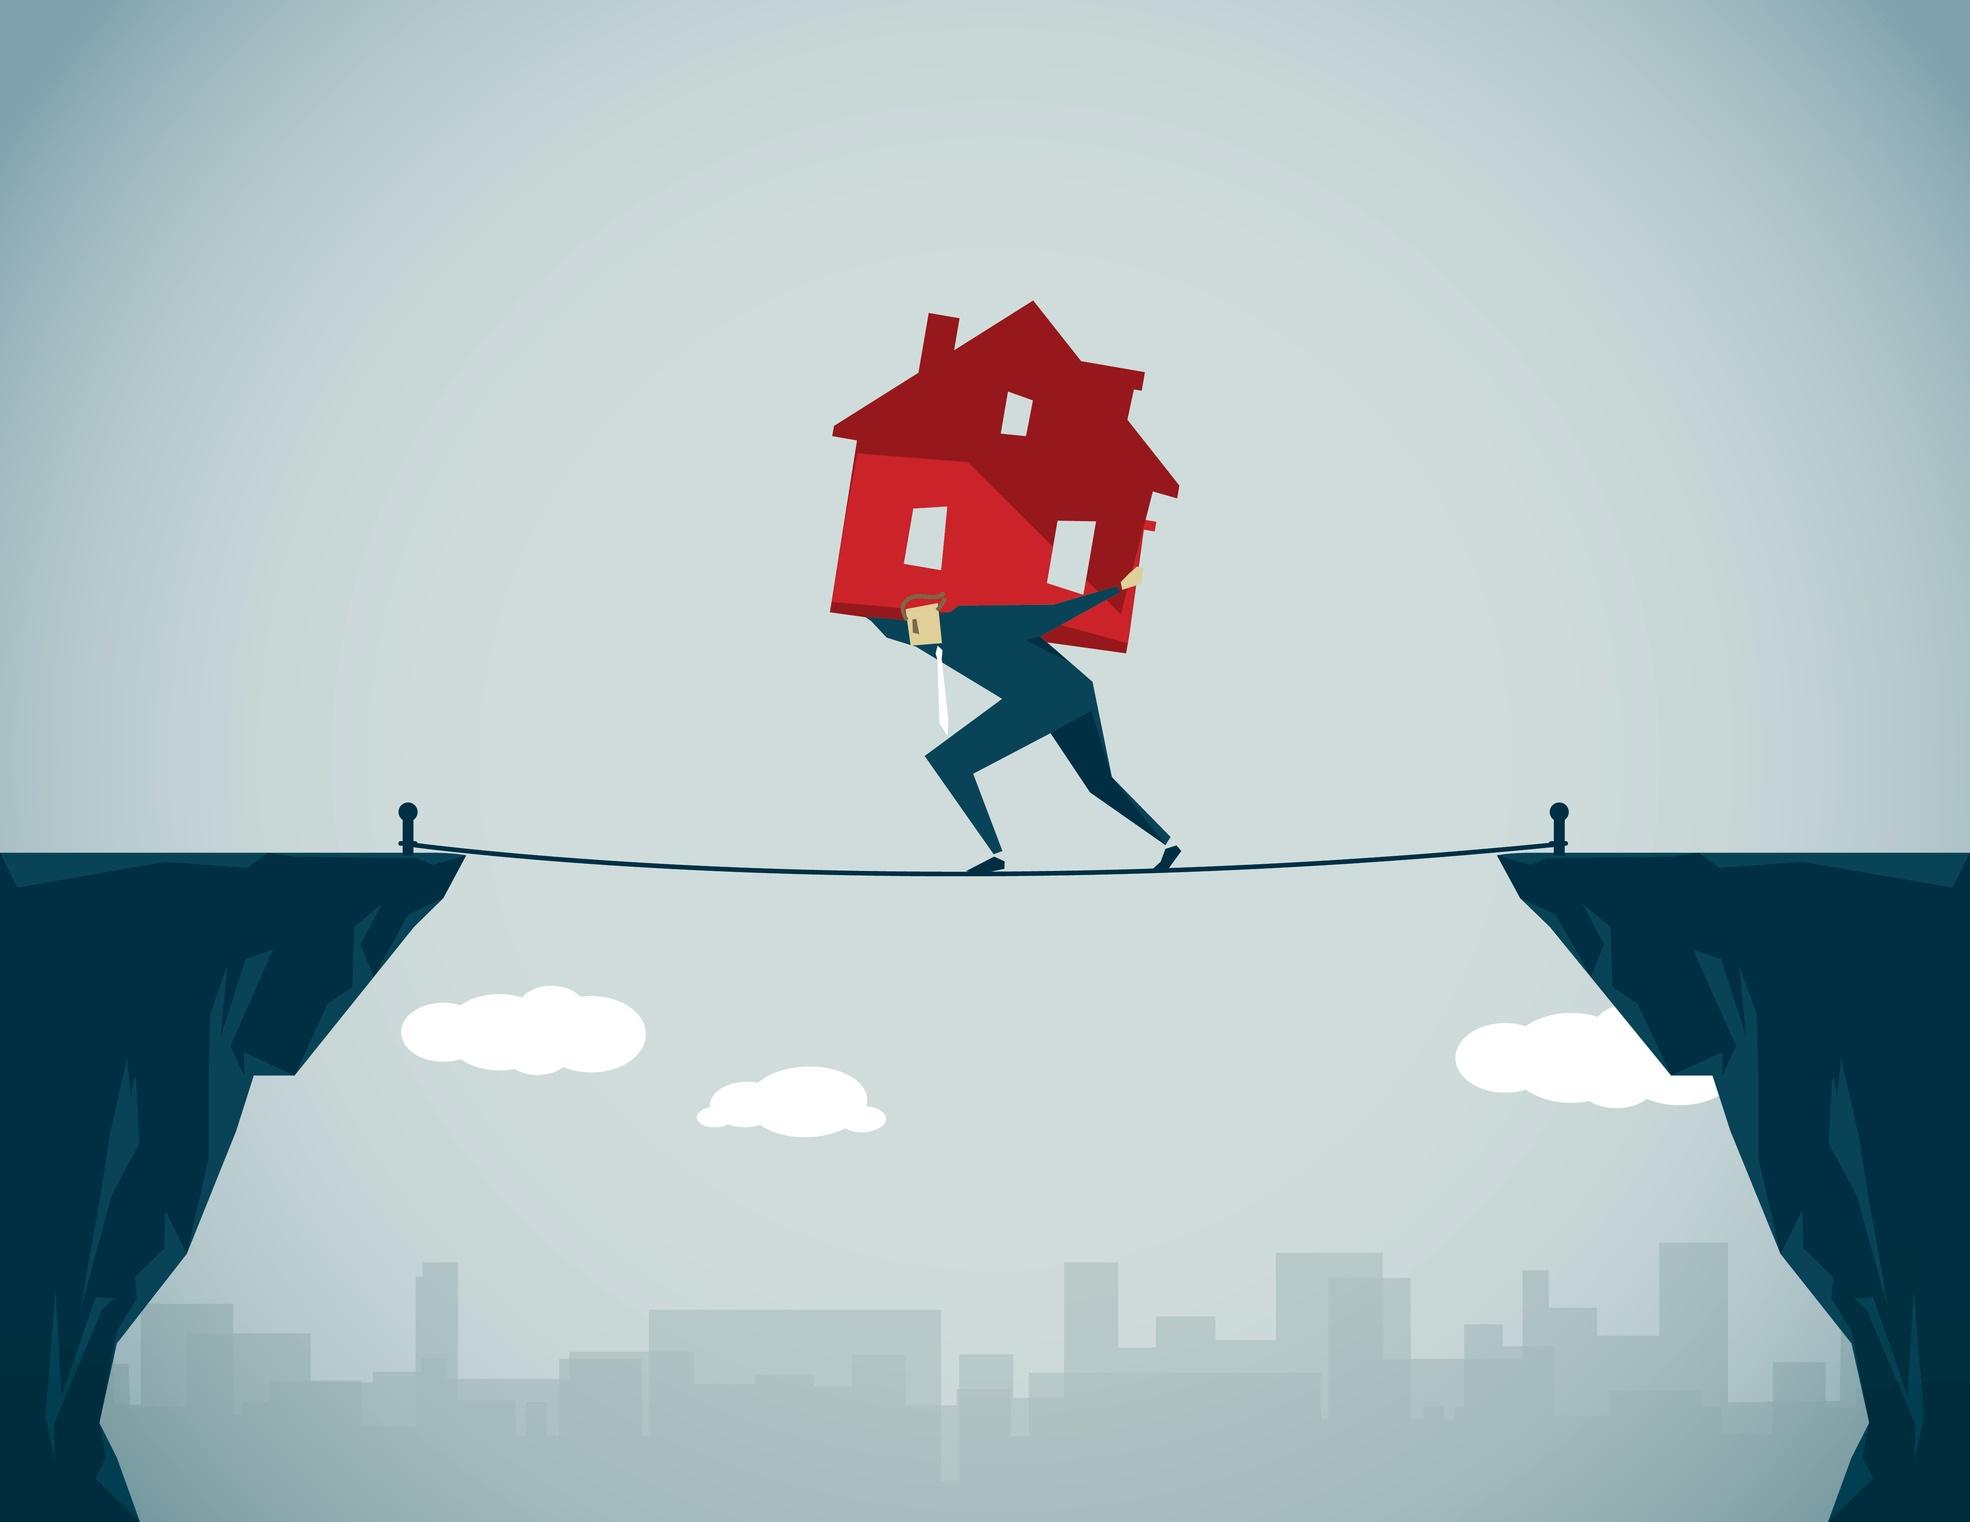 """Lời tư vấn """"đắt giá"""" từ nhân viên ngân hàng: Đừng vội """"xuống tiền"""" mua nhà dự án nếu chưa nắm rõ 3 yếu tố quan trọng sau  - Ảnh 6."""